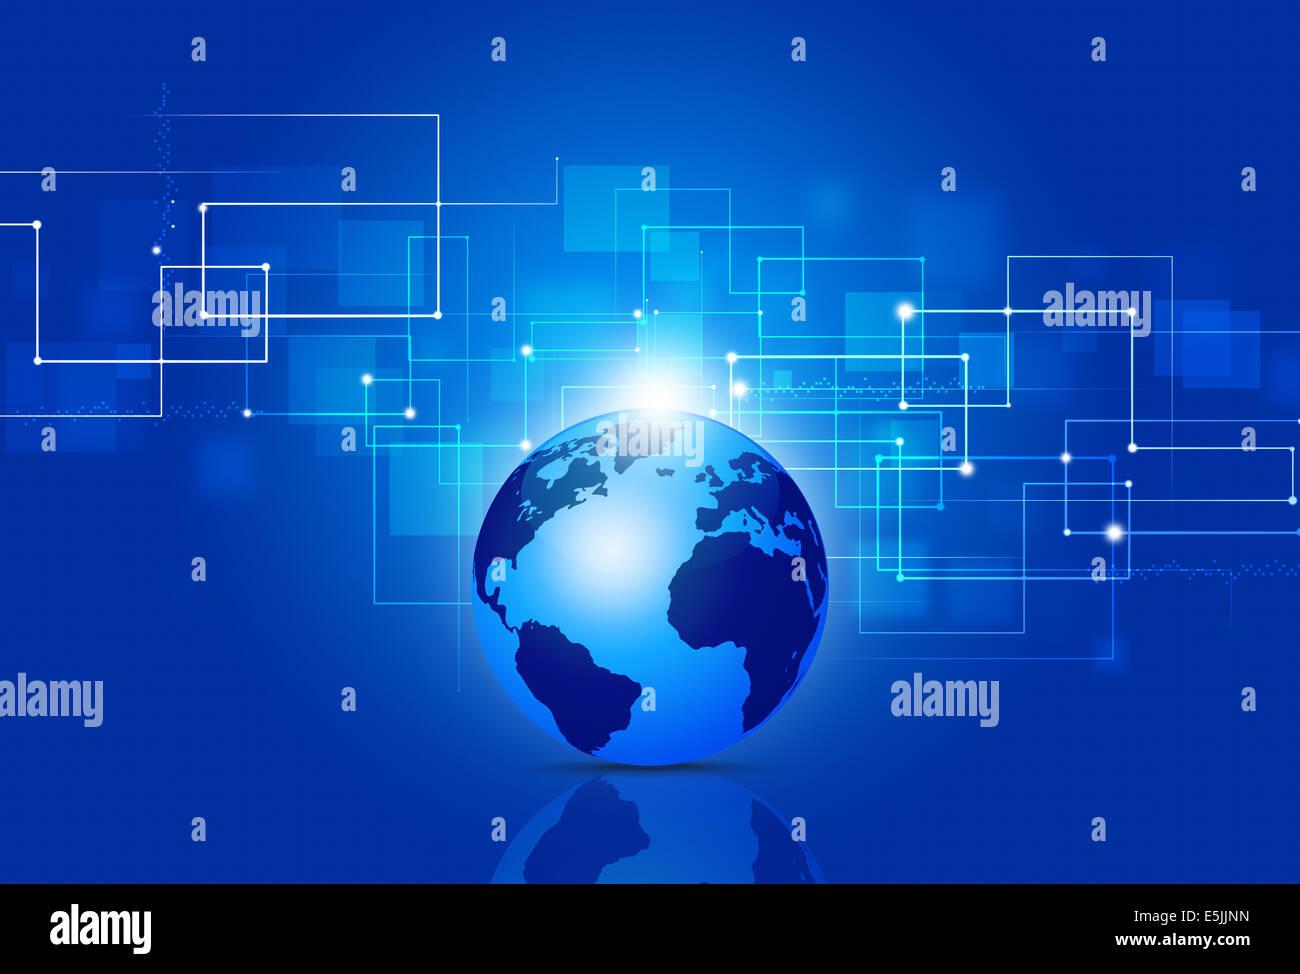 Résumé La technologie et business communications fond bleu Photo Stock